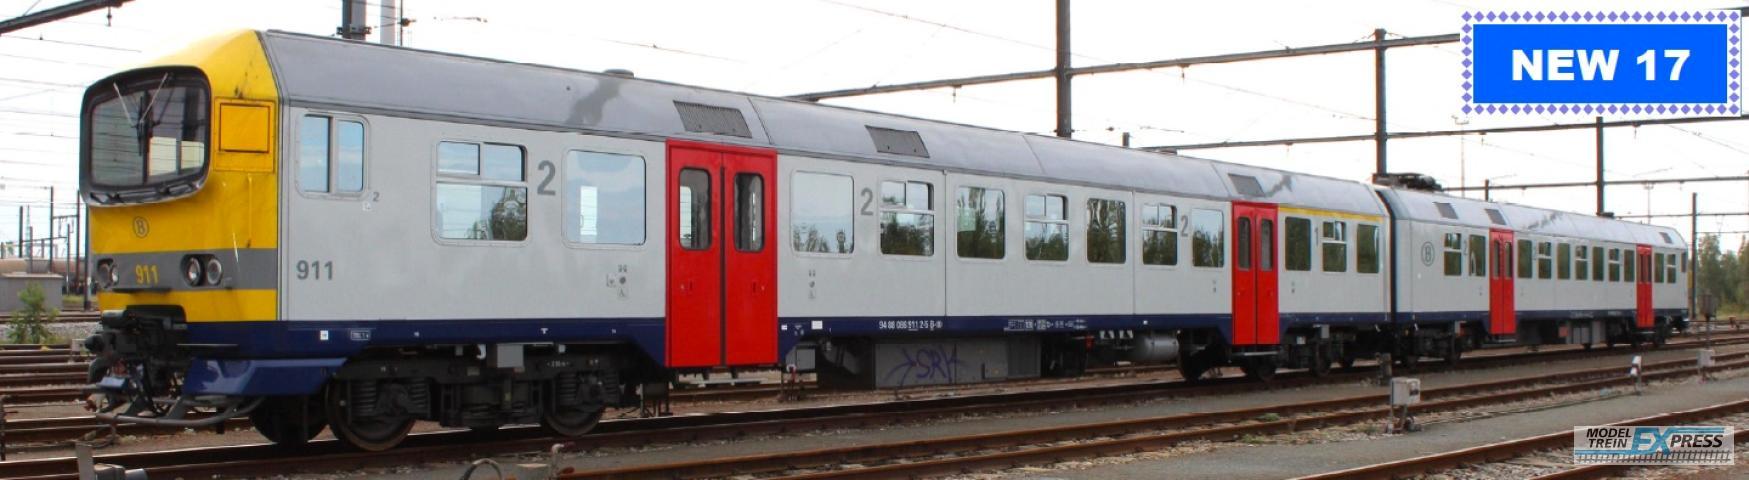 B-Models 4004.06